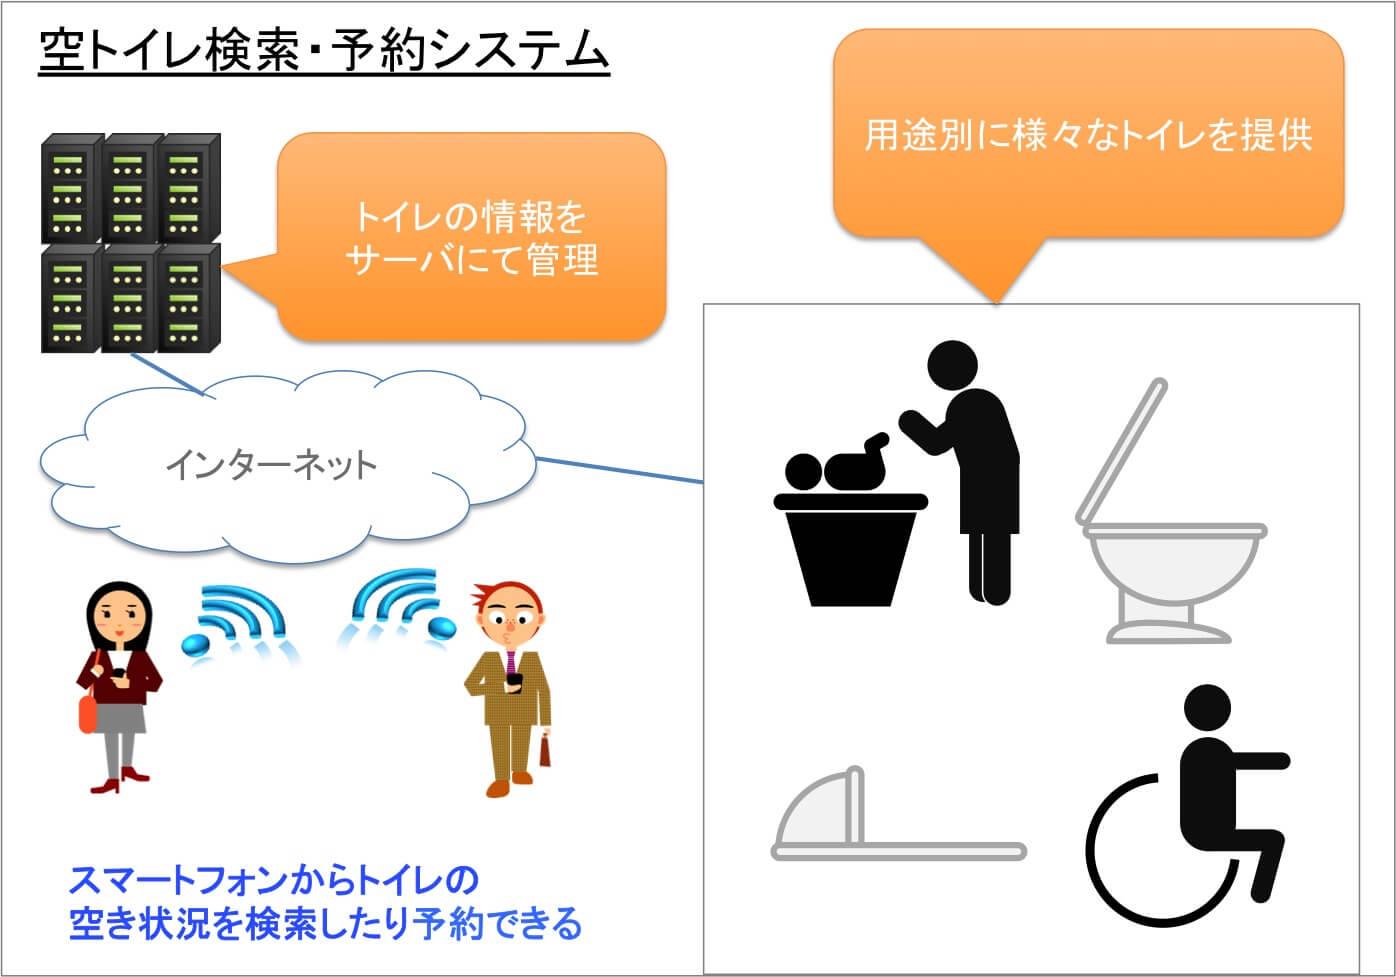 空きトイレ検索・予約システム